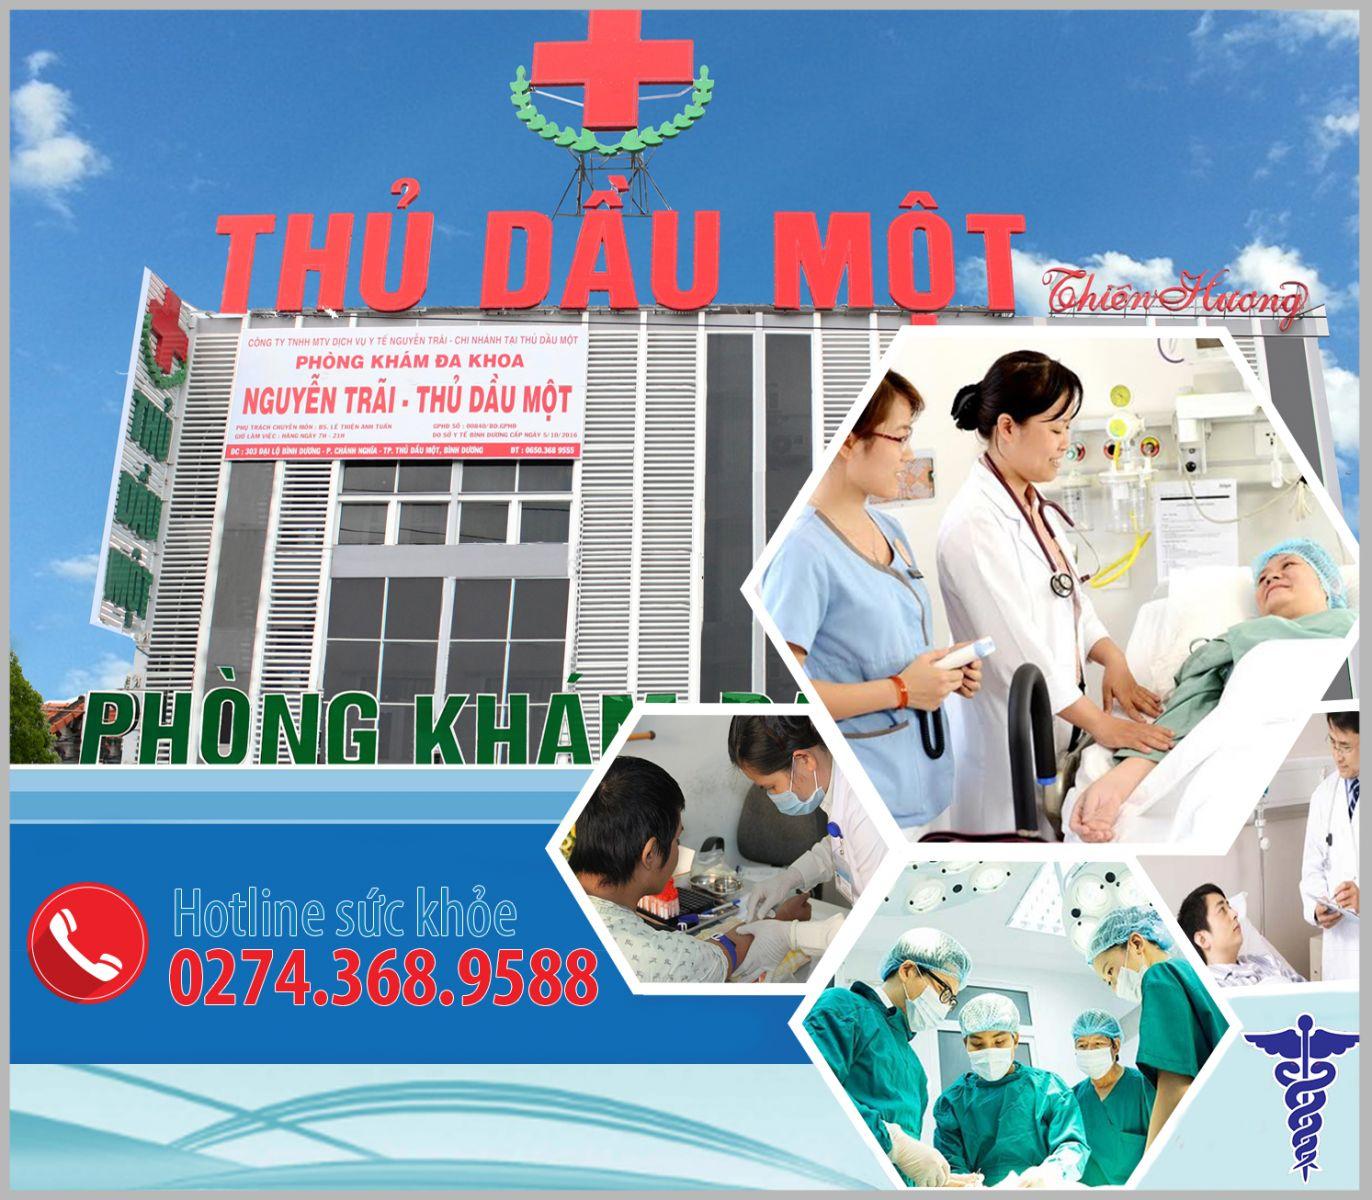 Đa khoa Nguyễn Trãi - Thủ Dầu Một - Phòng khám hậu môn hàng đầu Bình Dương